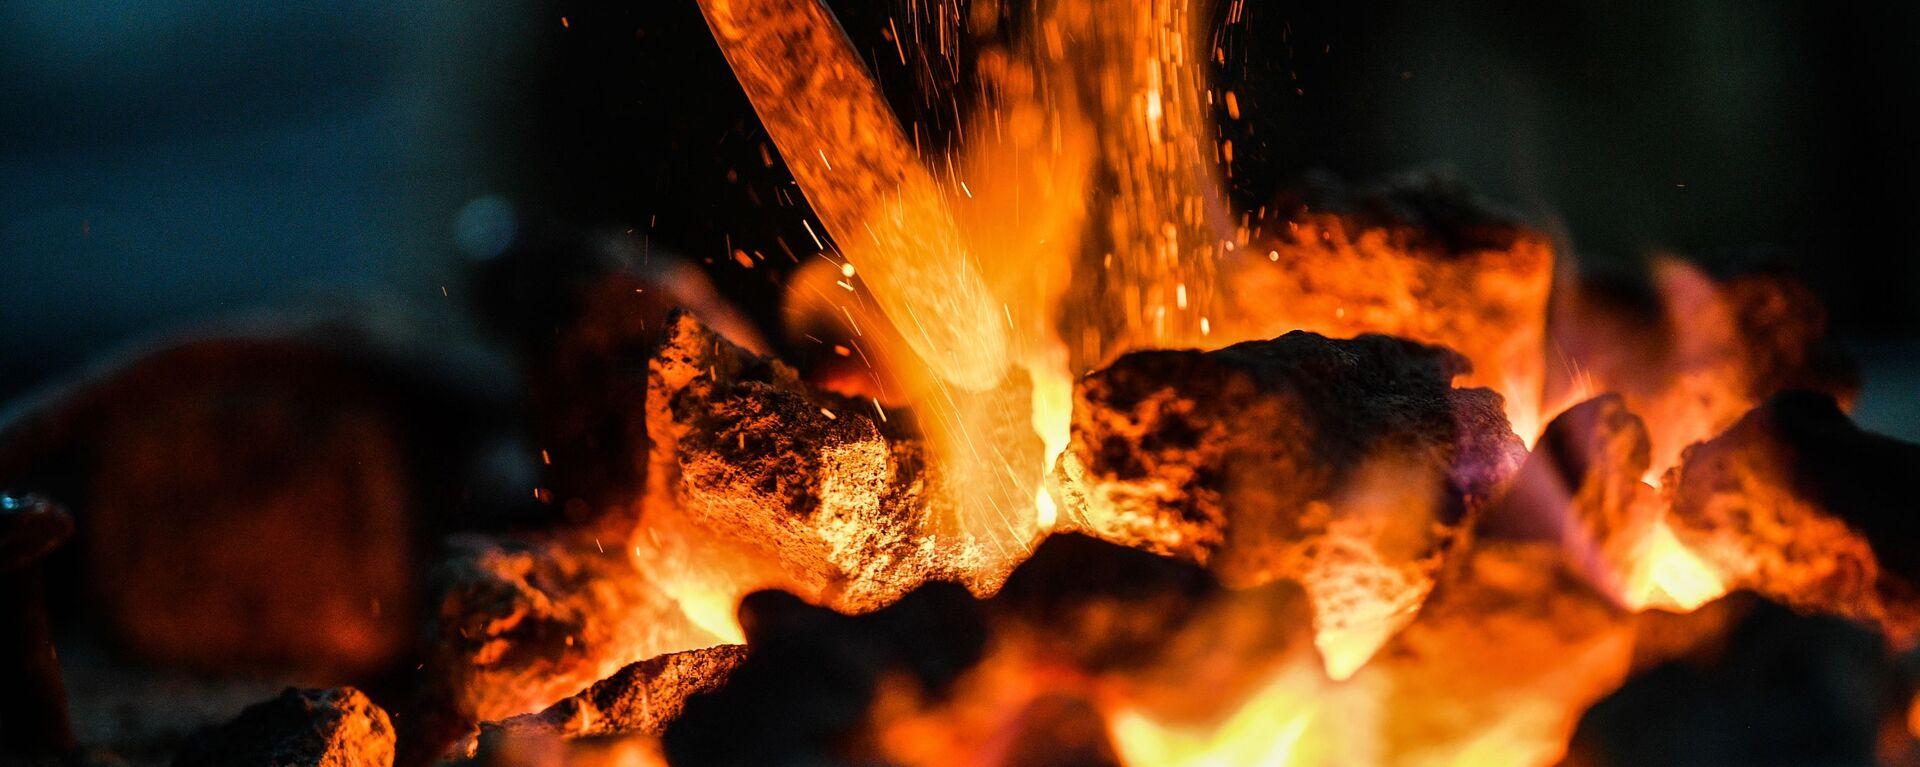 Un horno en el que se quema el carbón - Sputnik Mundo, 1920, 18.12.2020